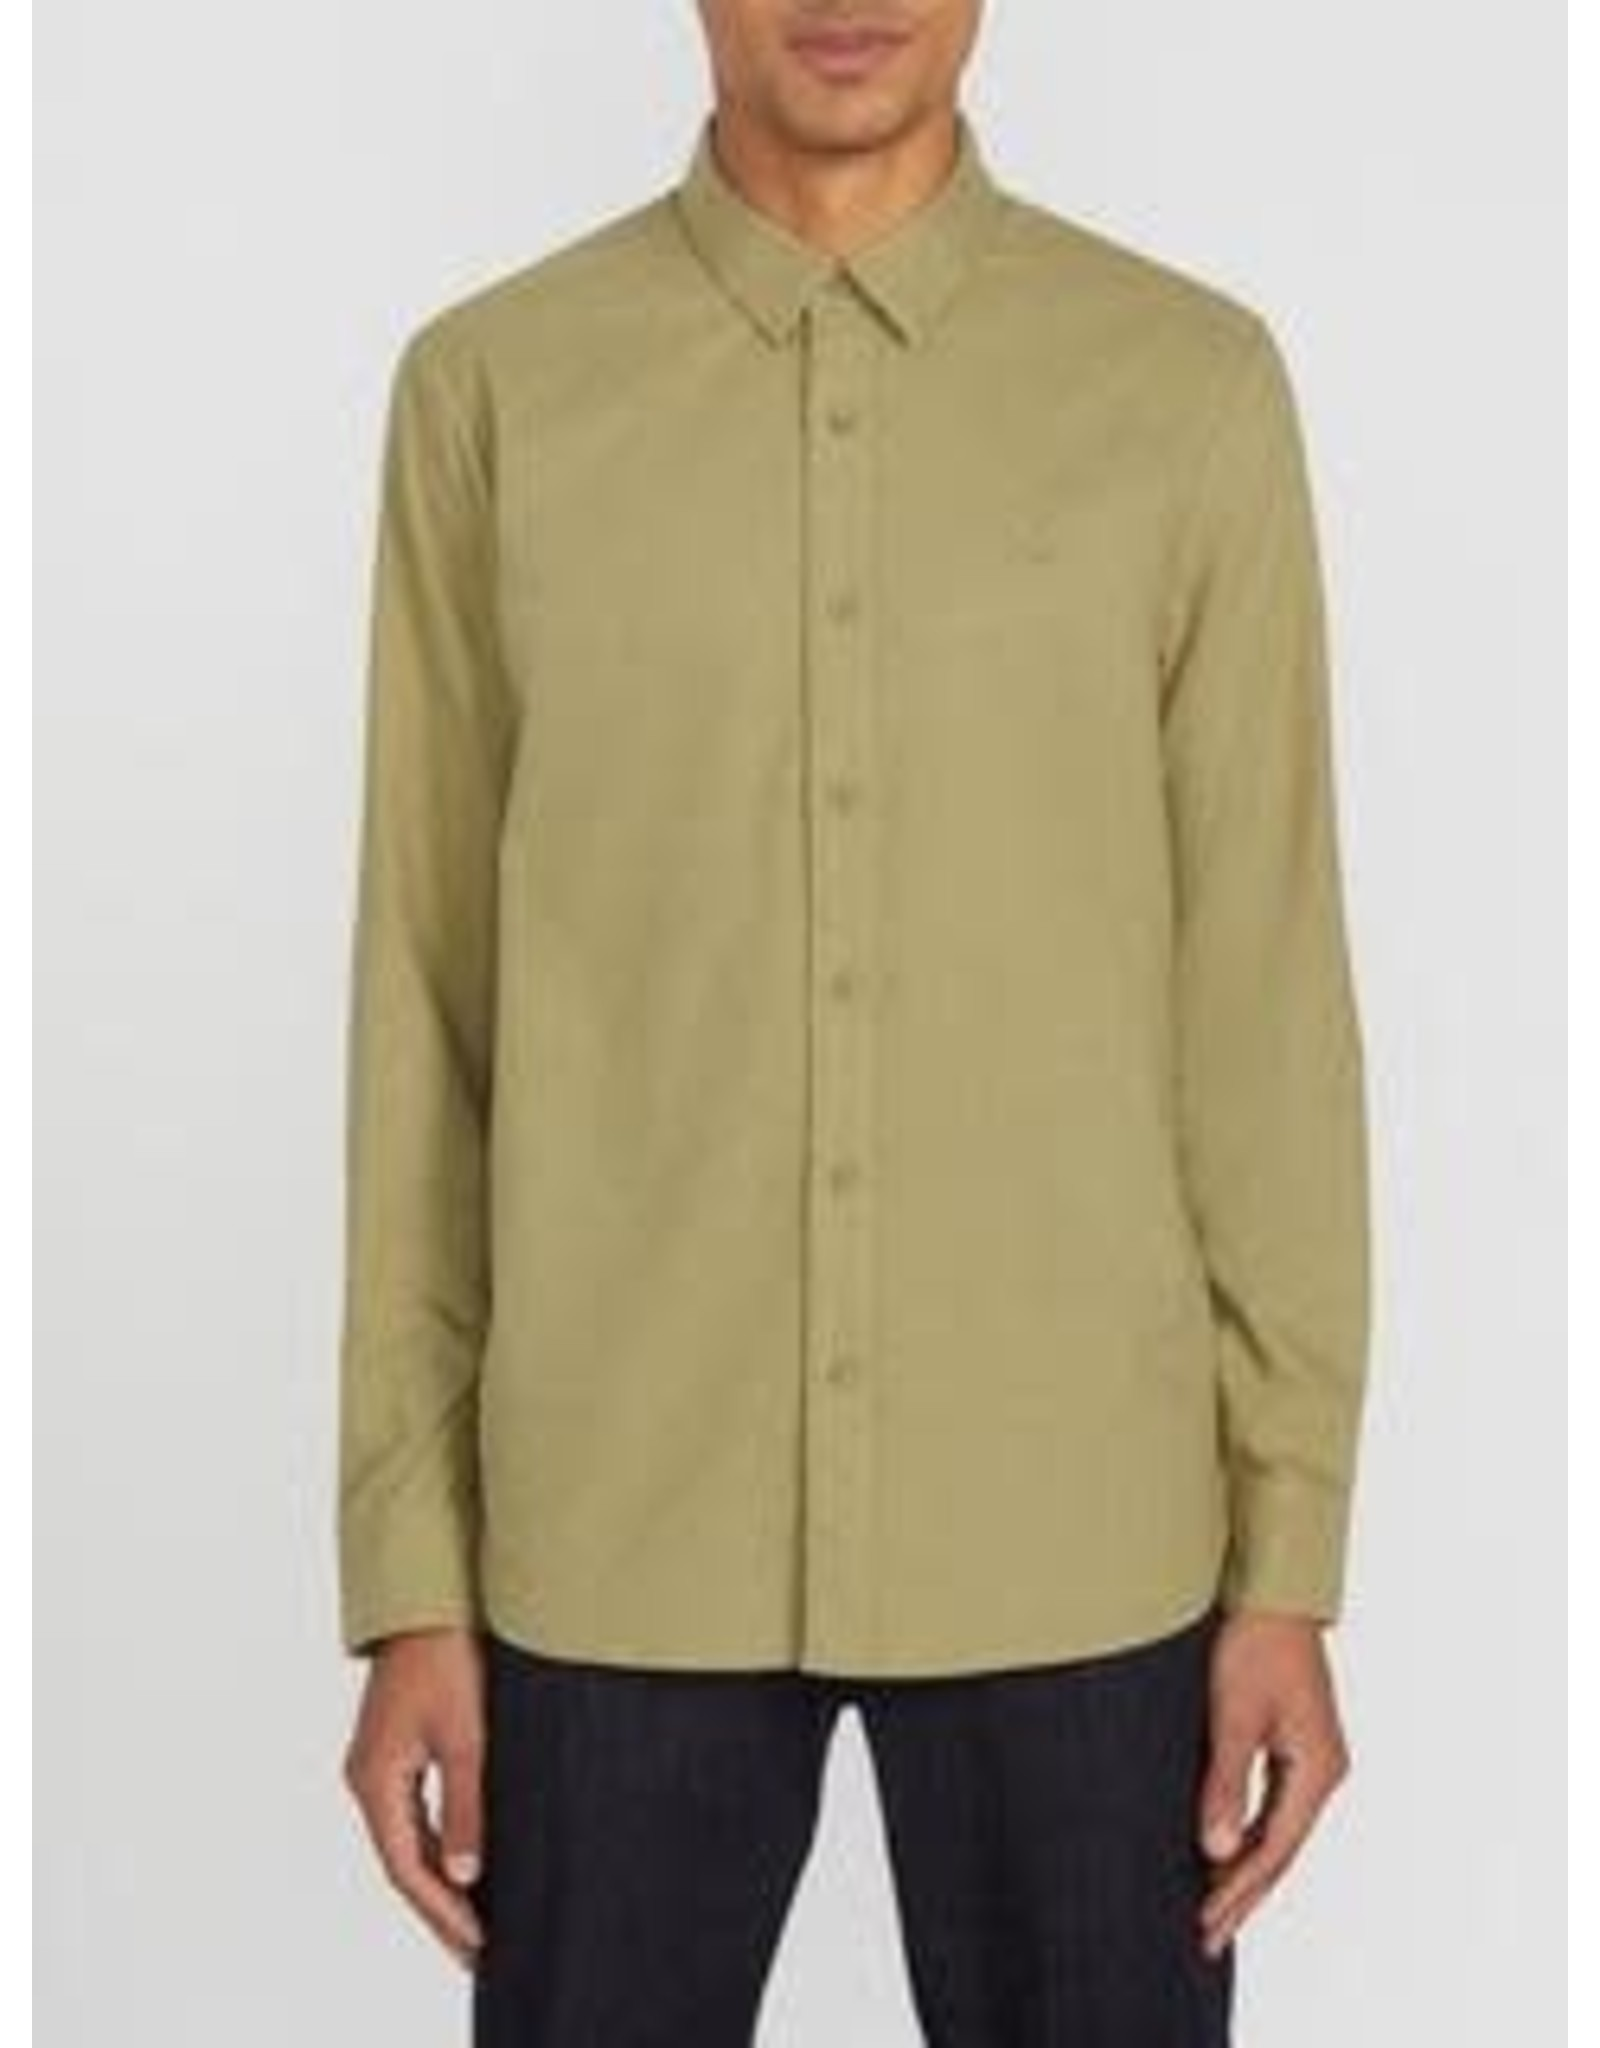 VOLCOM M's Oxford Stretch Shirt